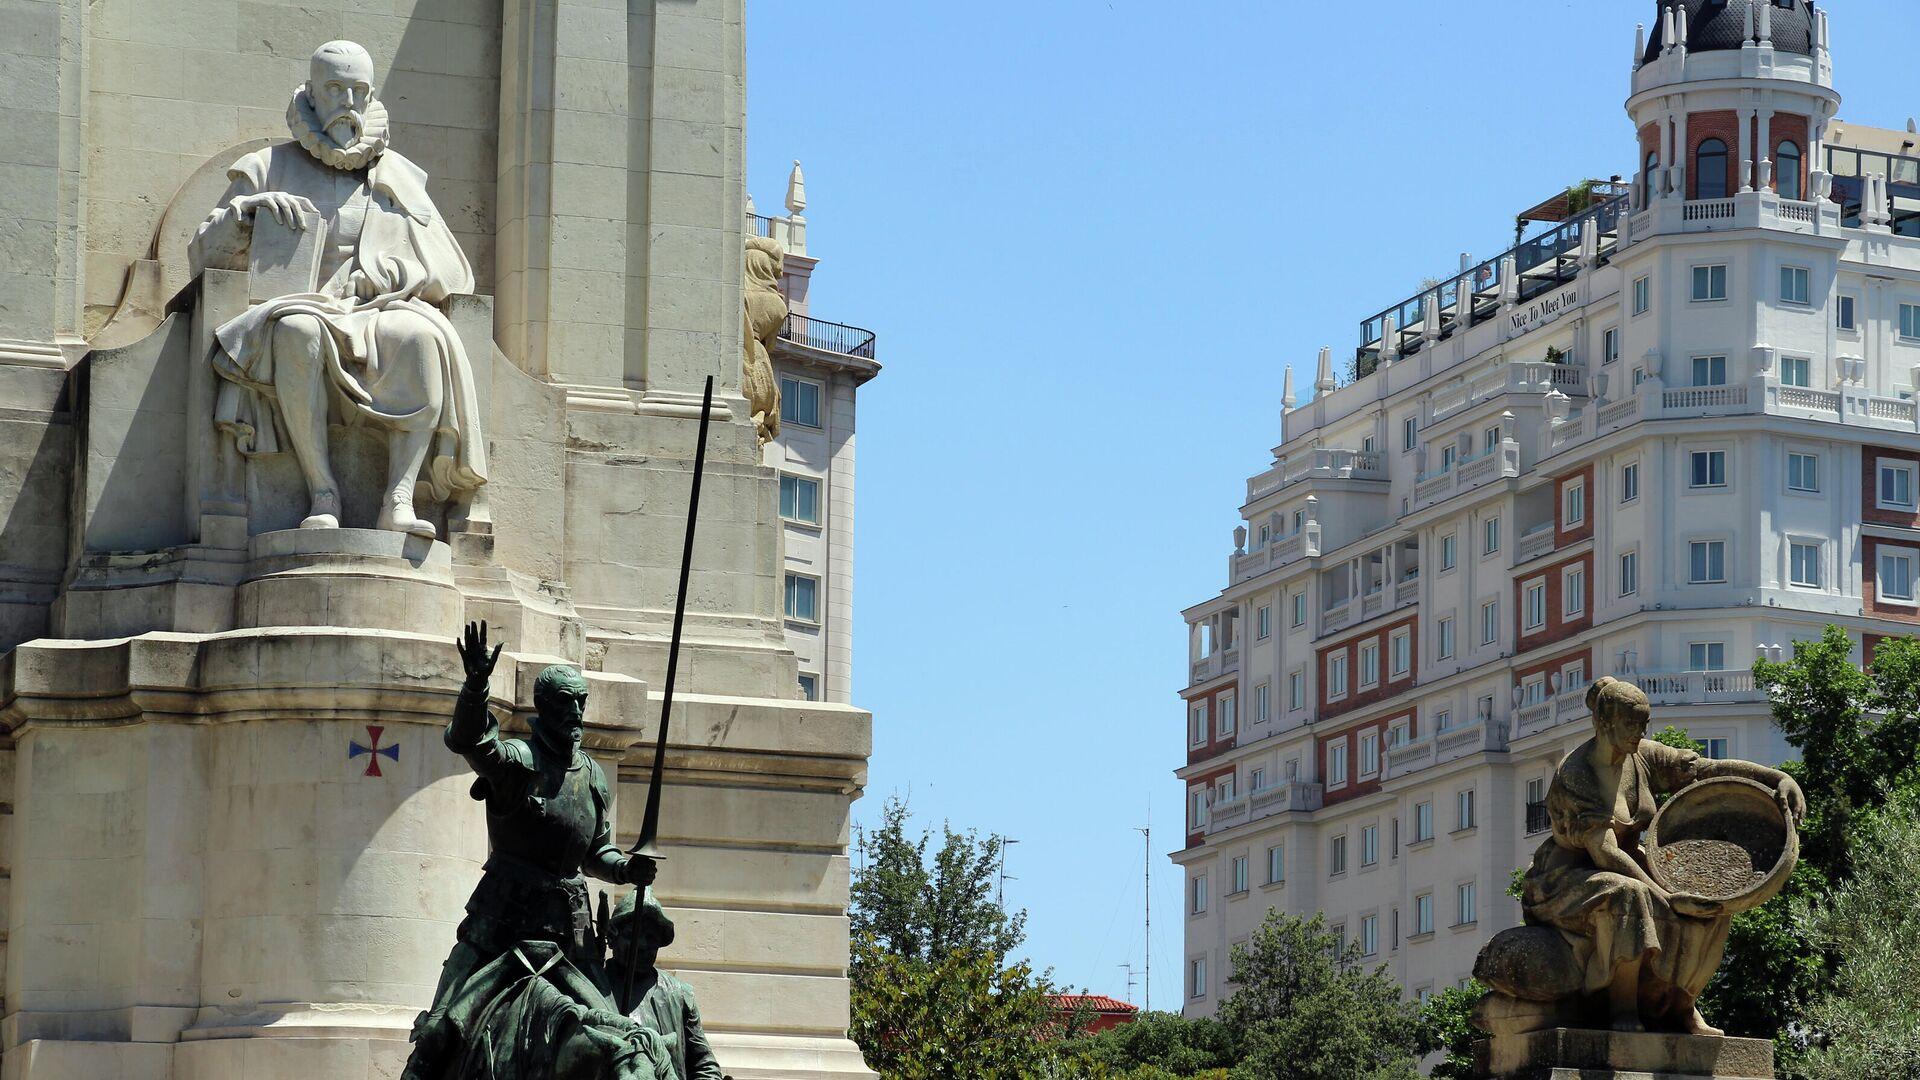 Monumento dedicado a Miguel de Cervantes en Madrid - Sputnik Mundo, 1920, 29.09.2021